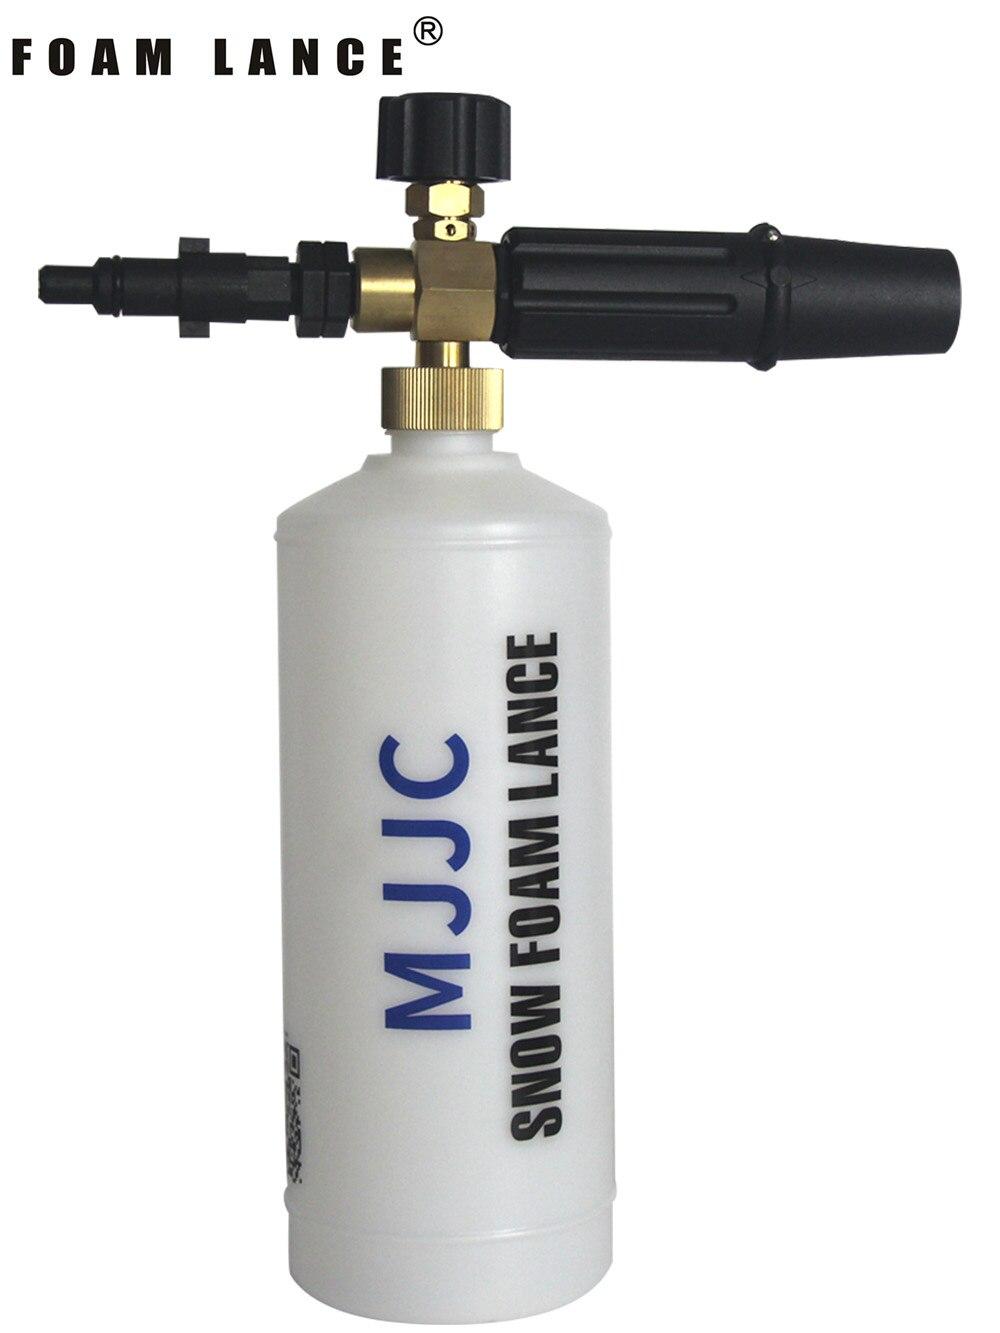 Snow Foam Lance Foam Nozzle for STIHLE RE 98 108 118 128 PLUS<br><br>Aliexpress